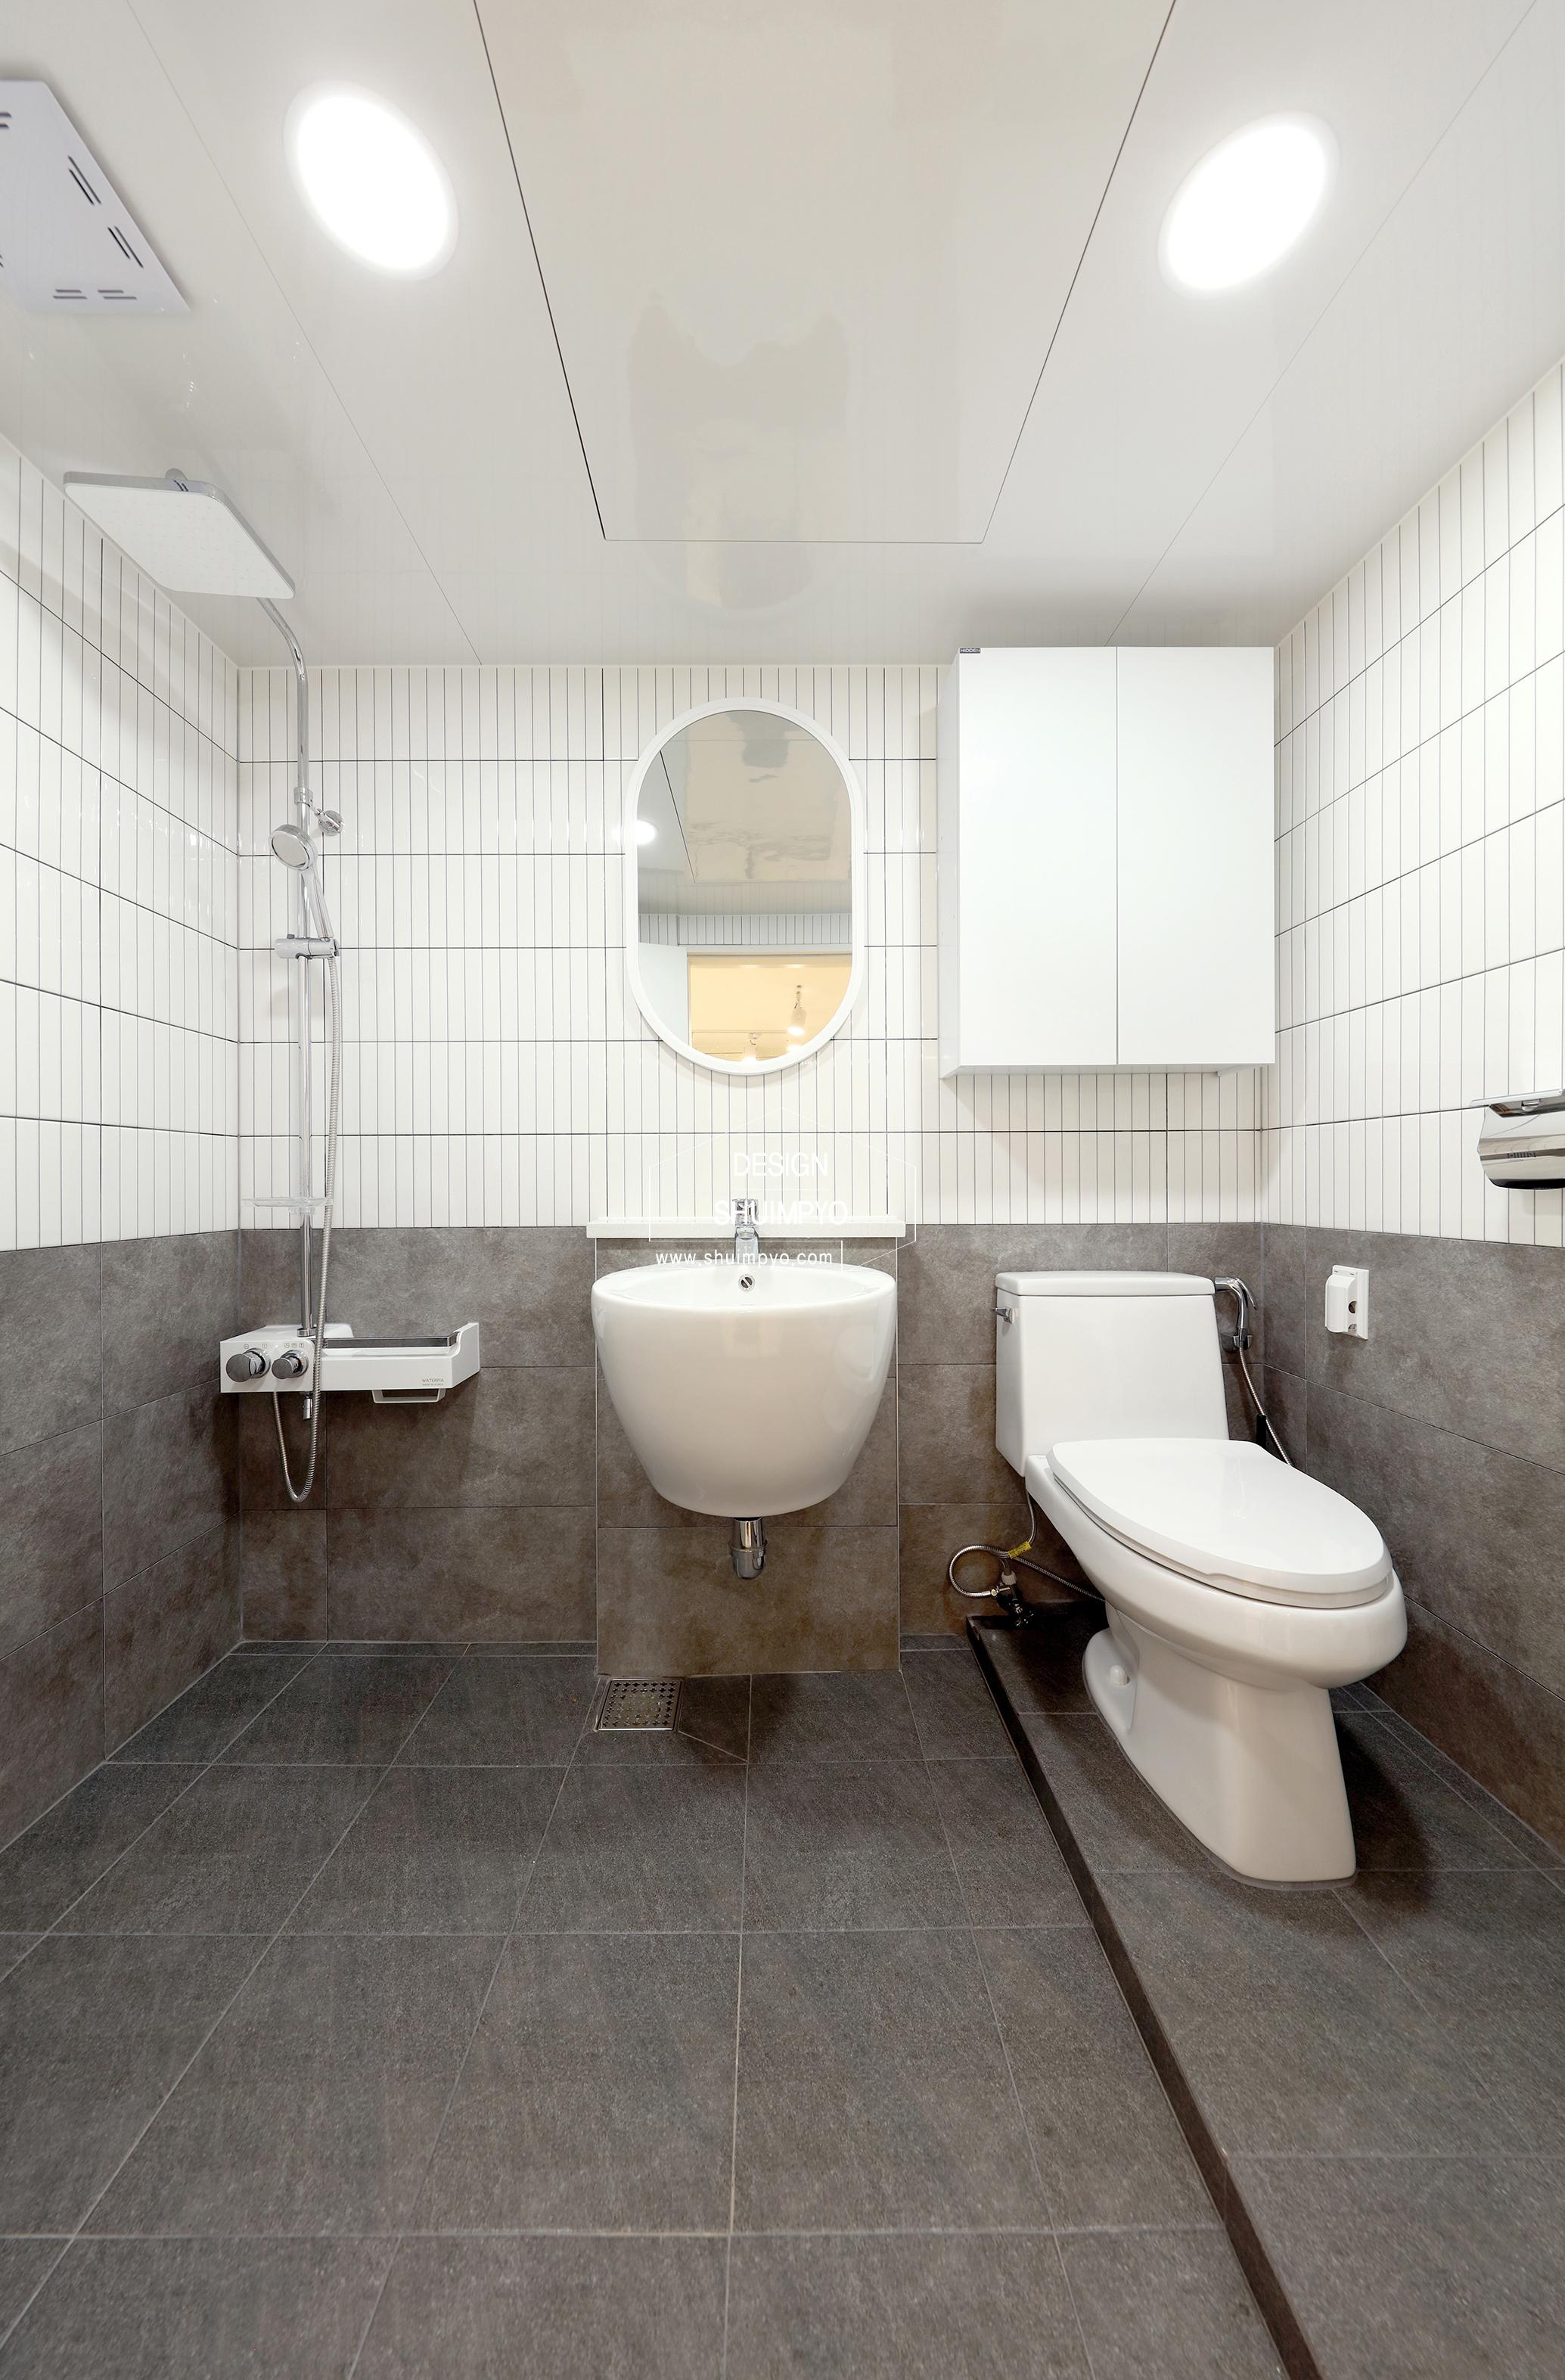 평촌목련우성 욕실